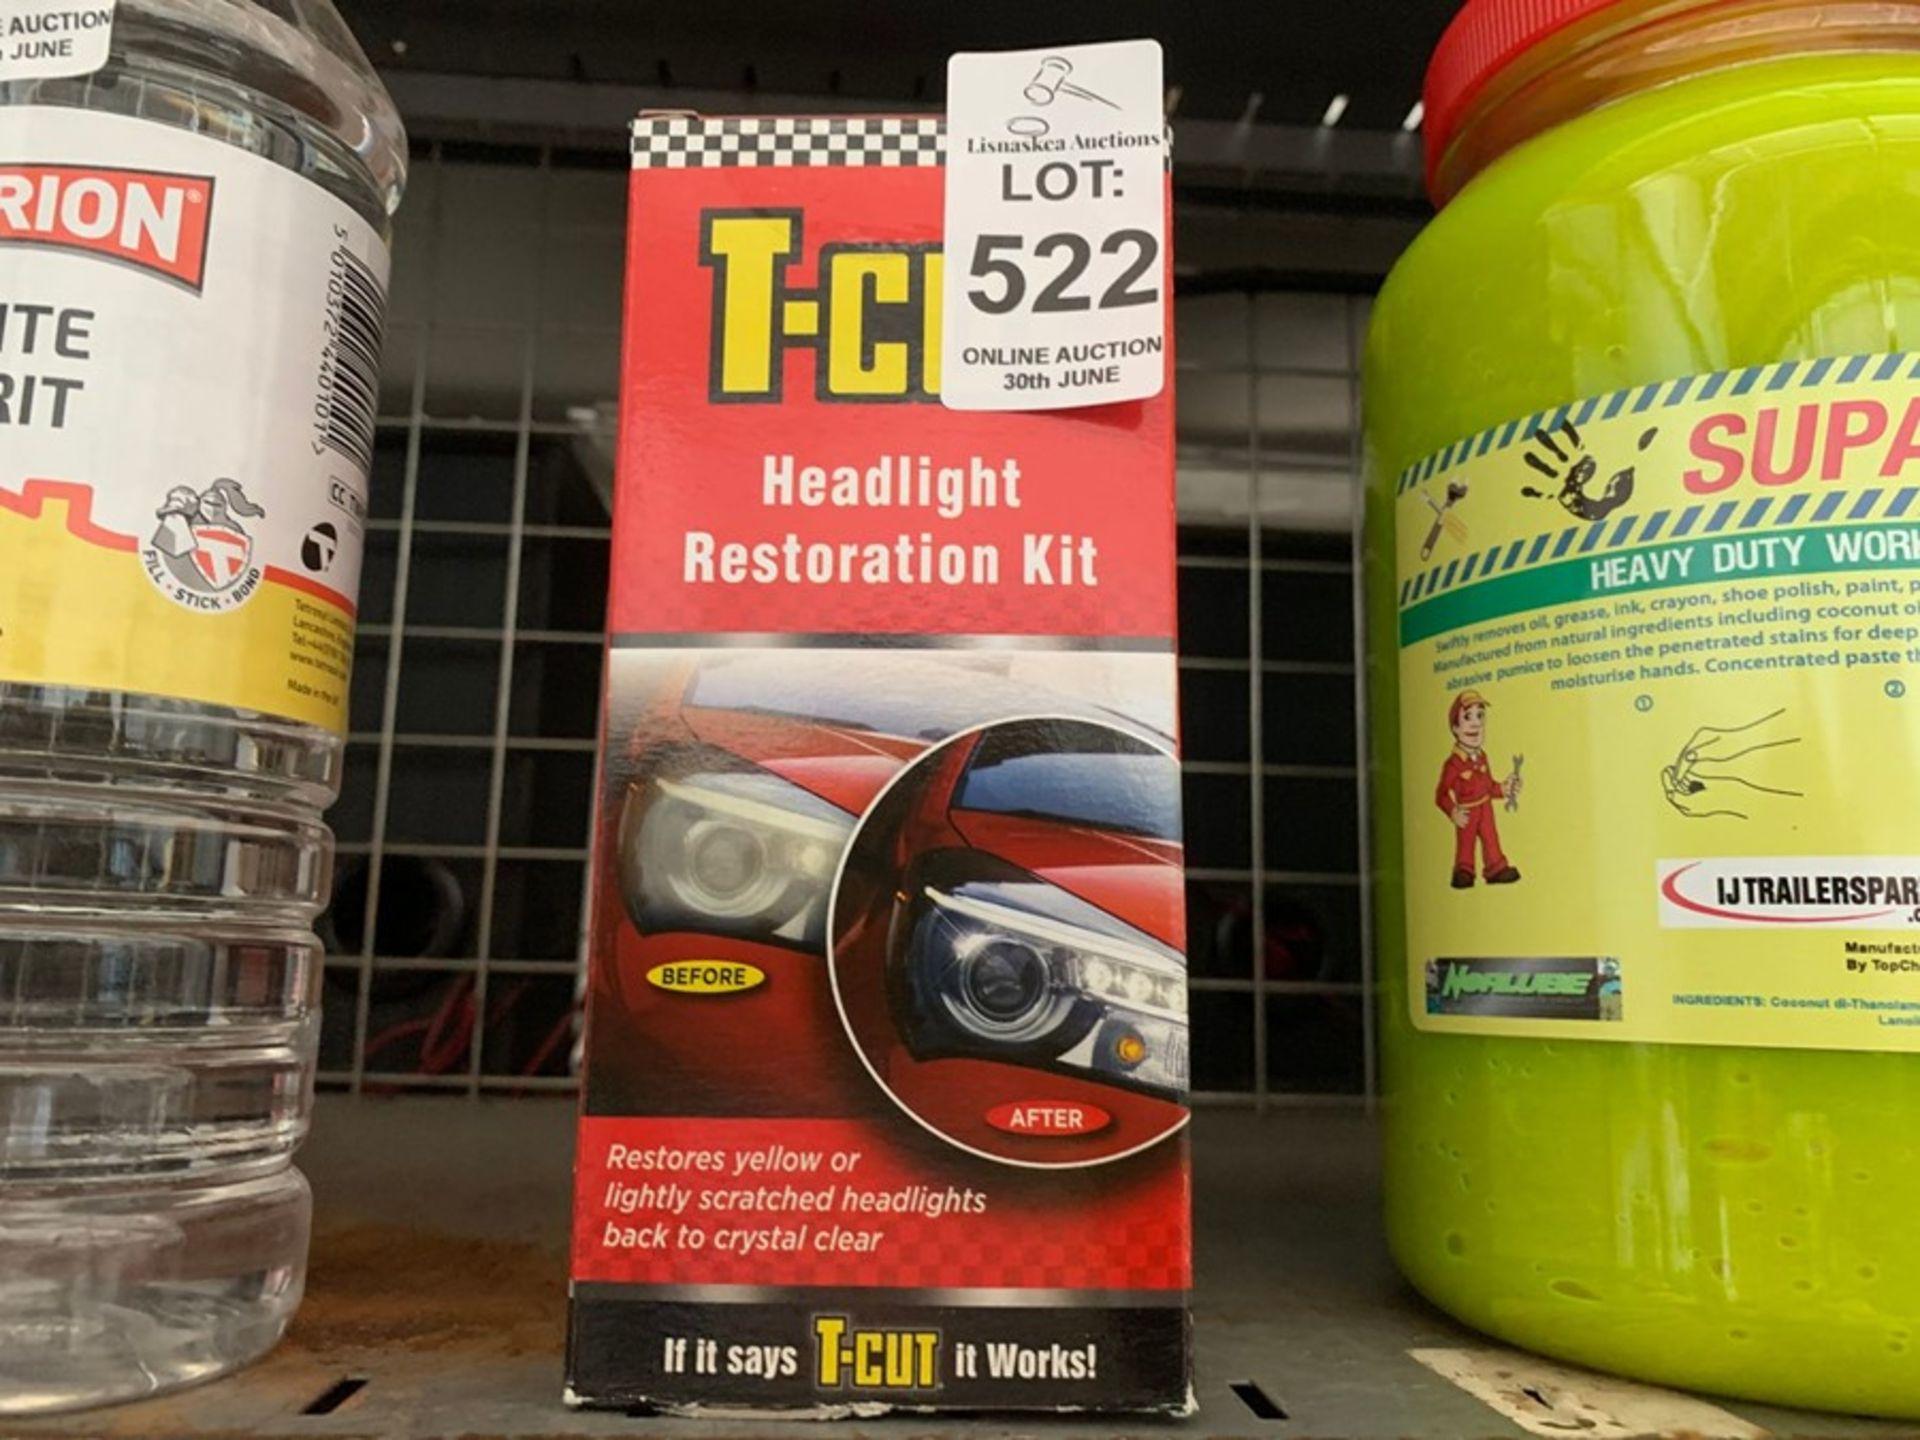 Lot 522 - T-CUT HEADLIGHT RESTORATION KIT